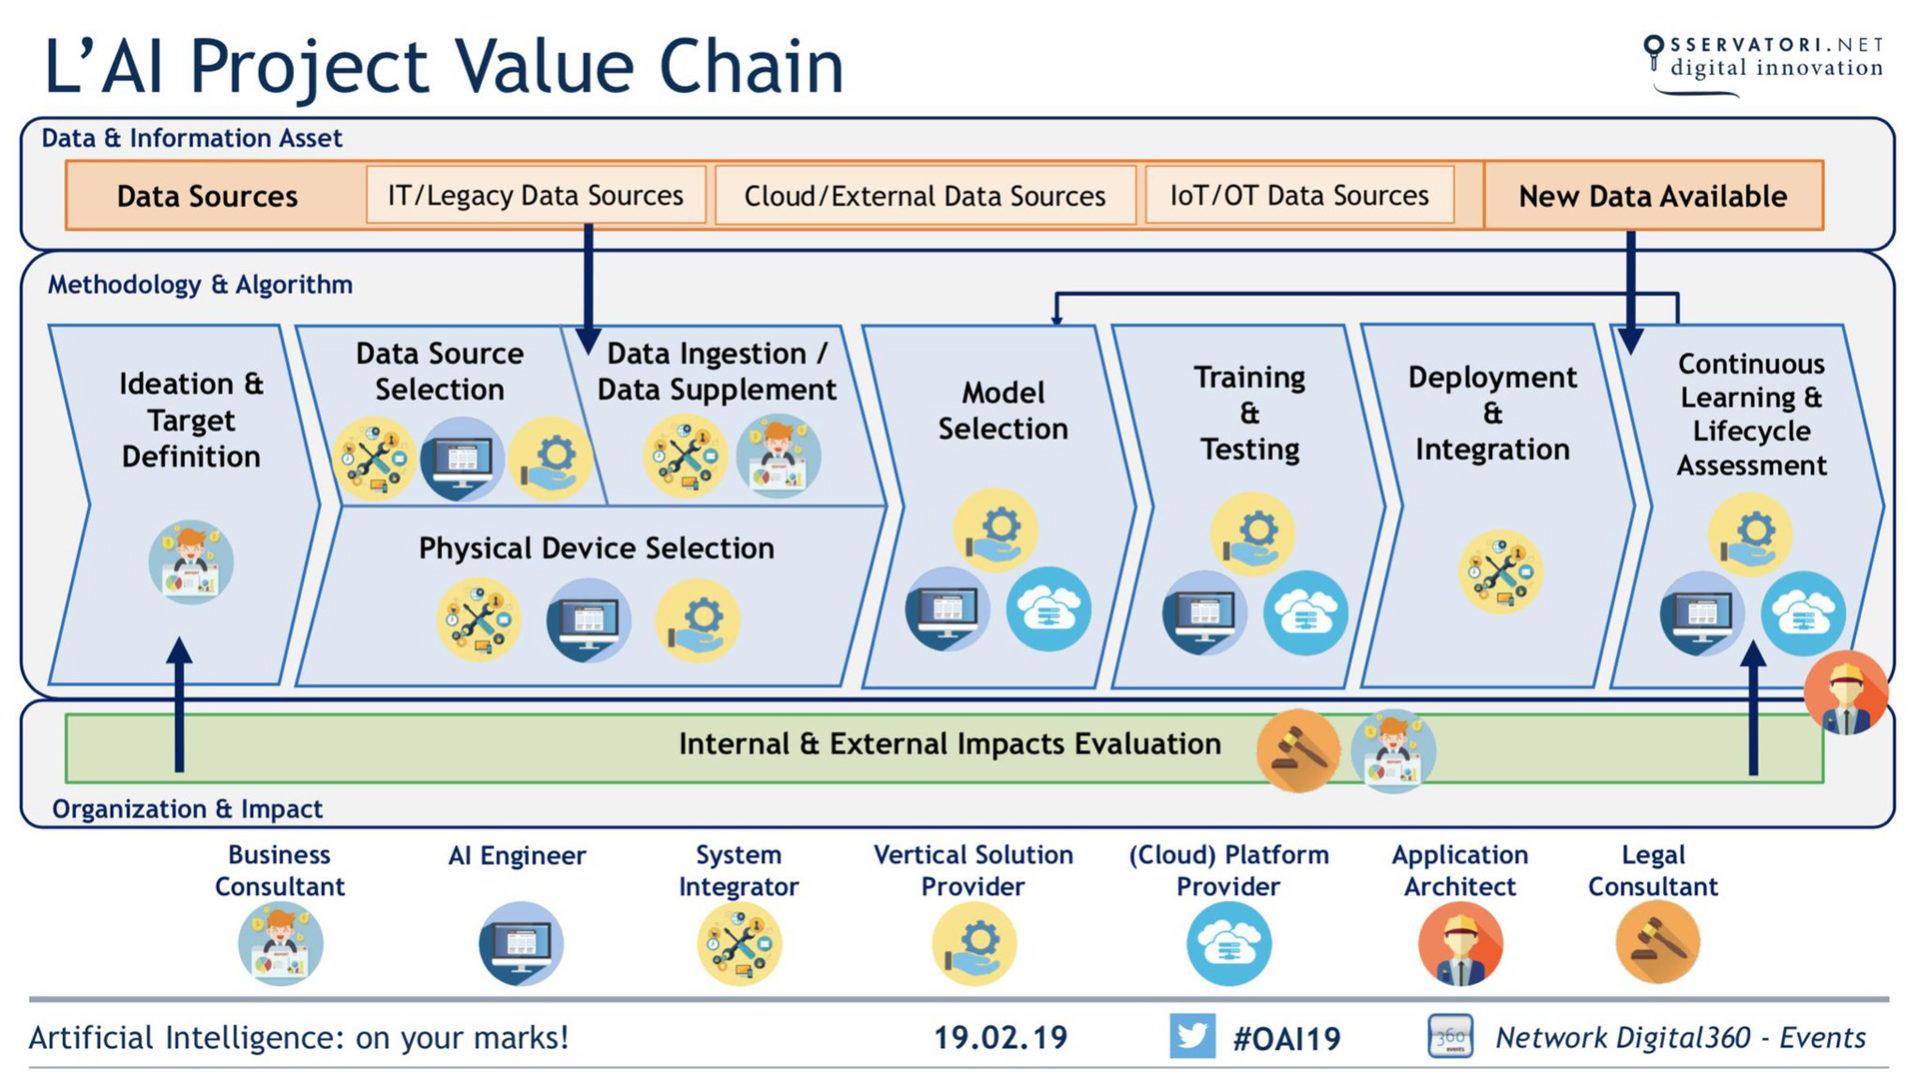 Grafico che indica l'AI Project Value Chain